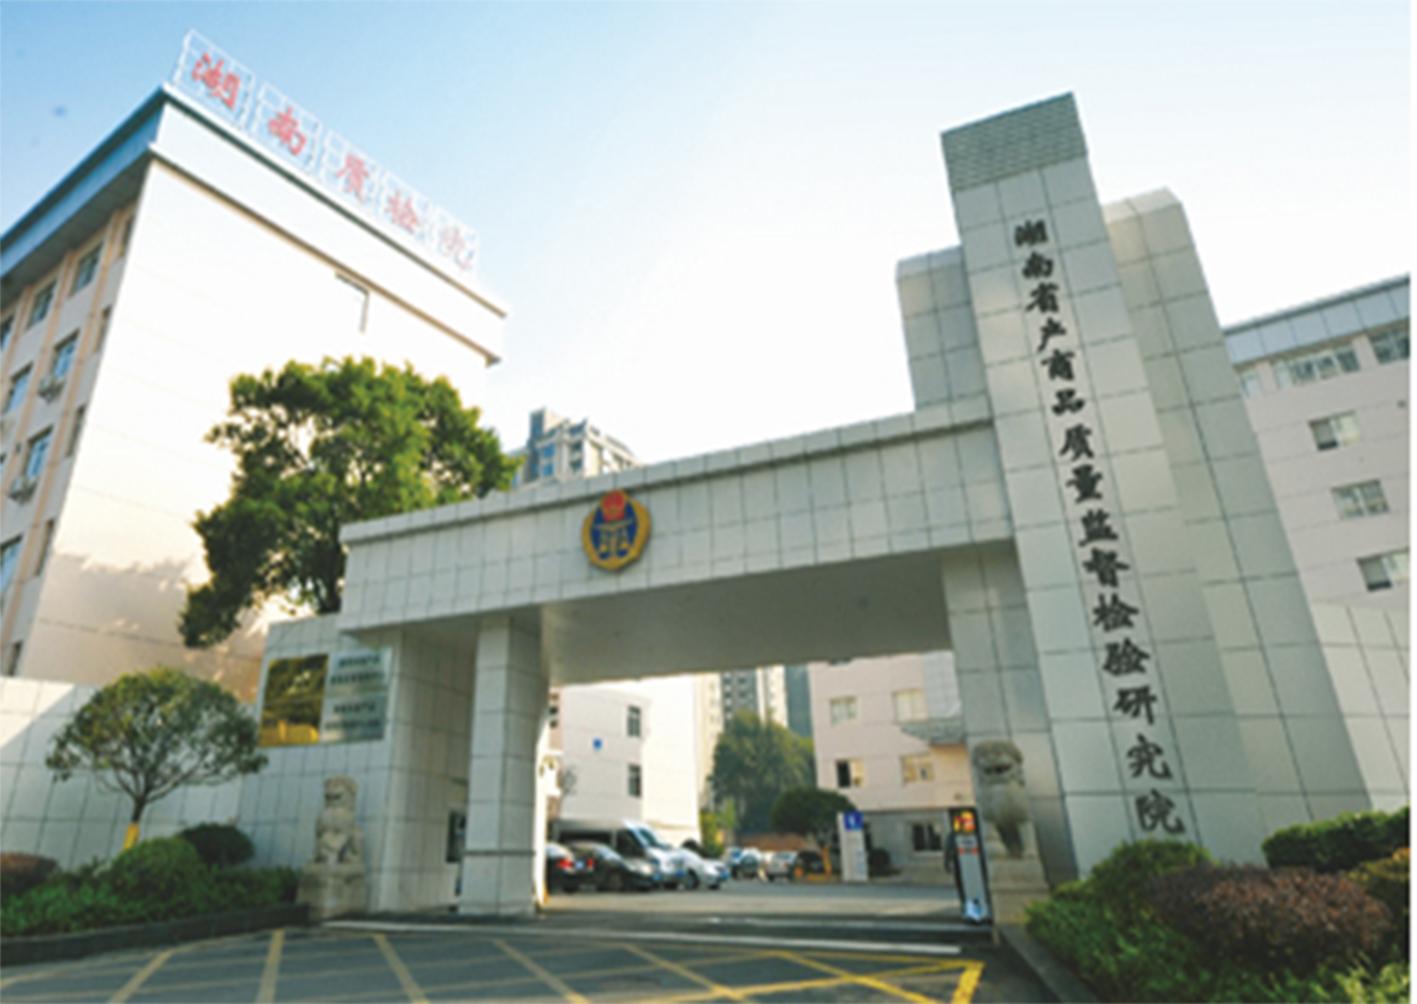 中标喜讯|关于《湖南省产商品质量监督检验研究院设备采购项目》中标